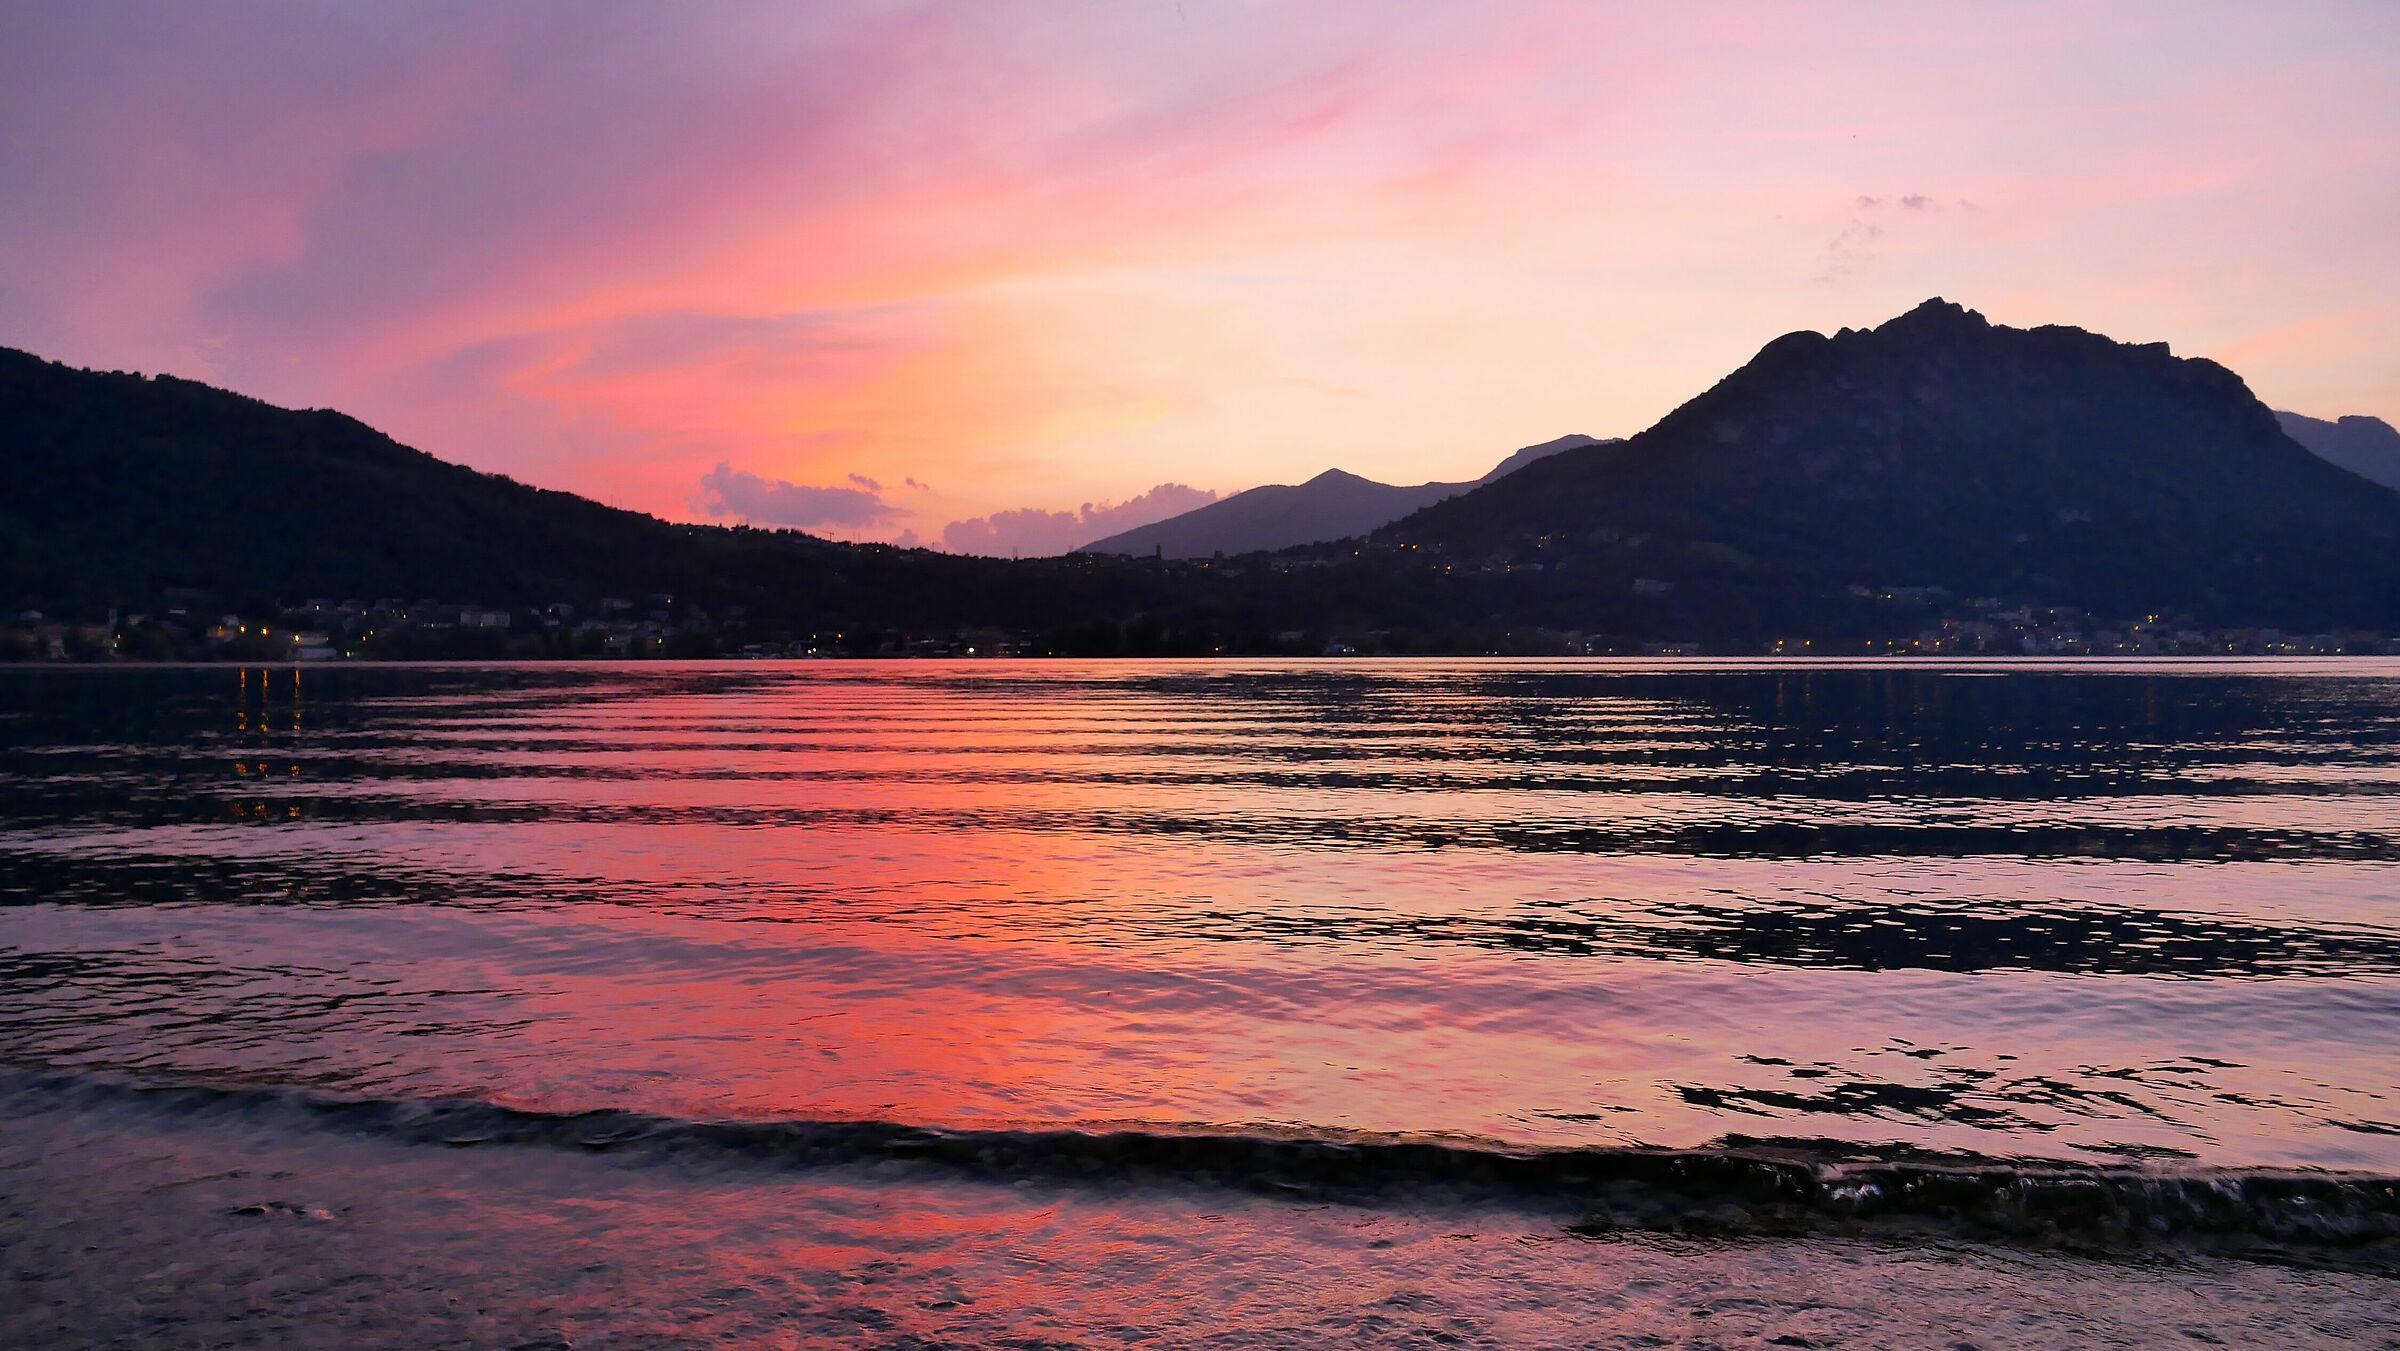 Tramoto sul lago di Garlate il giorno di Ferragosto...